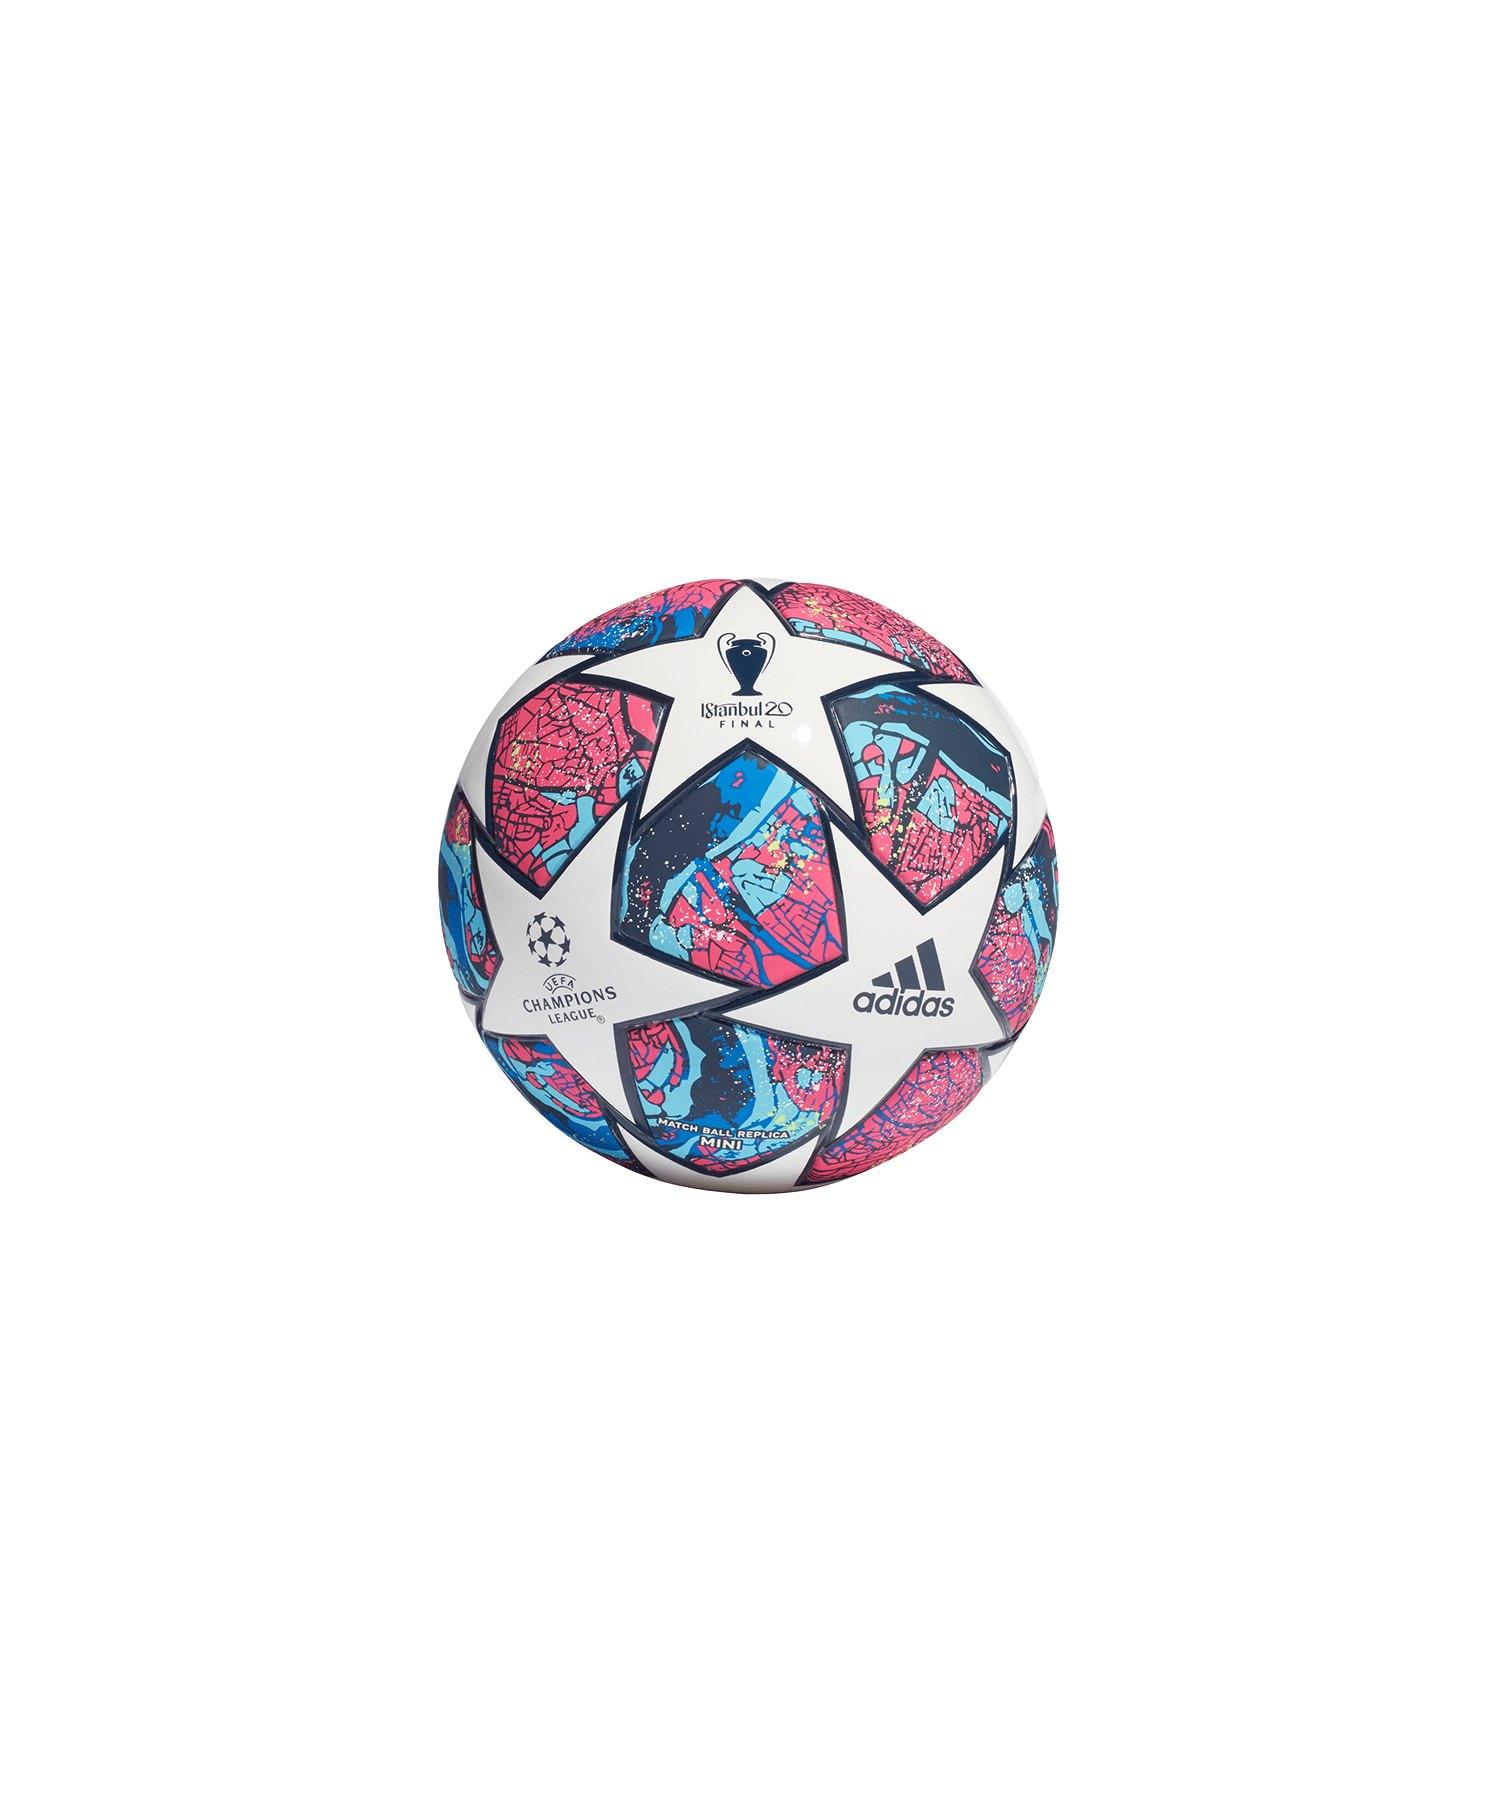 adidas Finale Miniball Weiss Blau - weiss